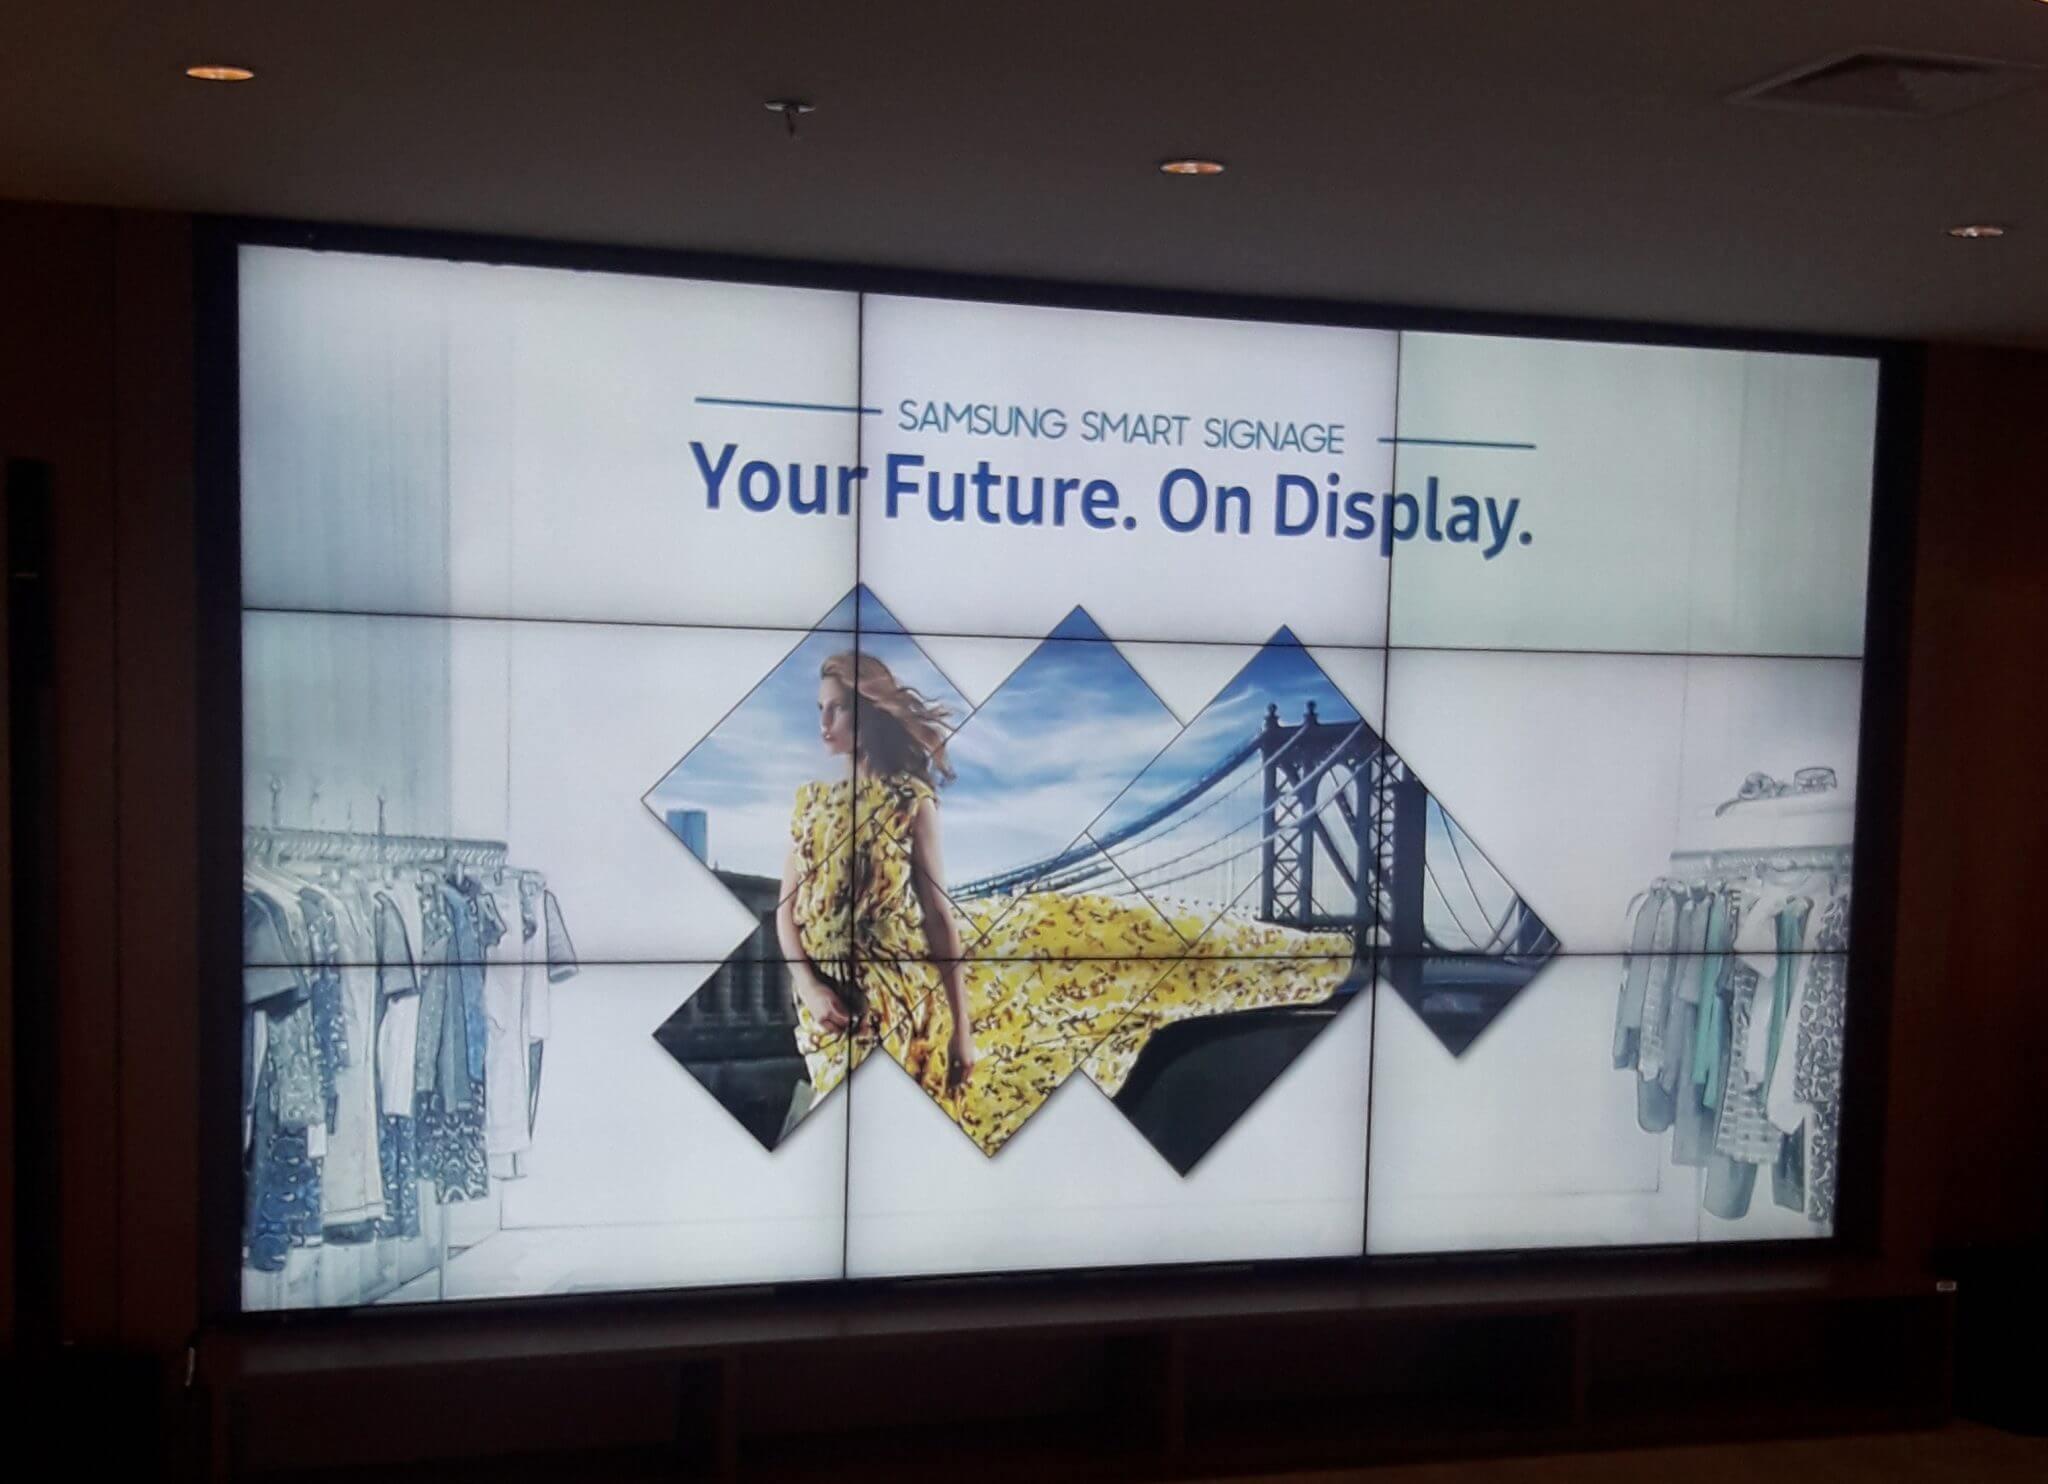 20180405 102849 - Samsung reforça a linha de produtos Digital Signage no Brasil